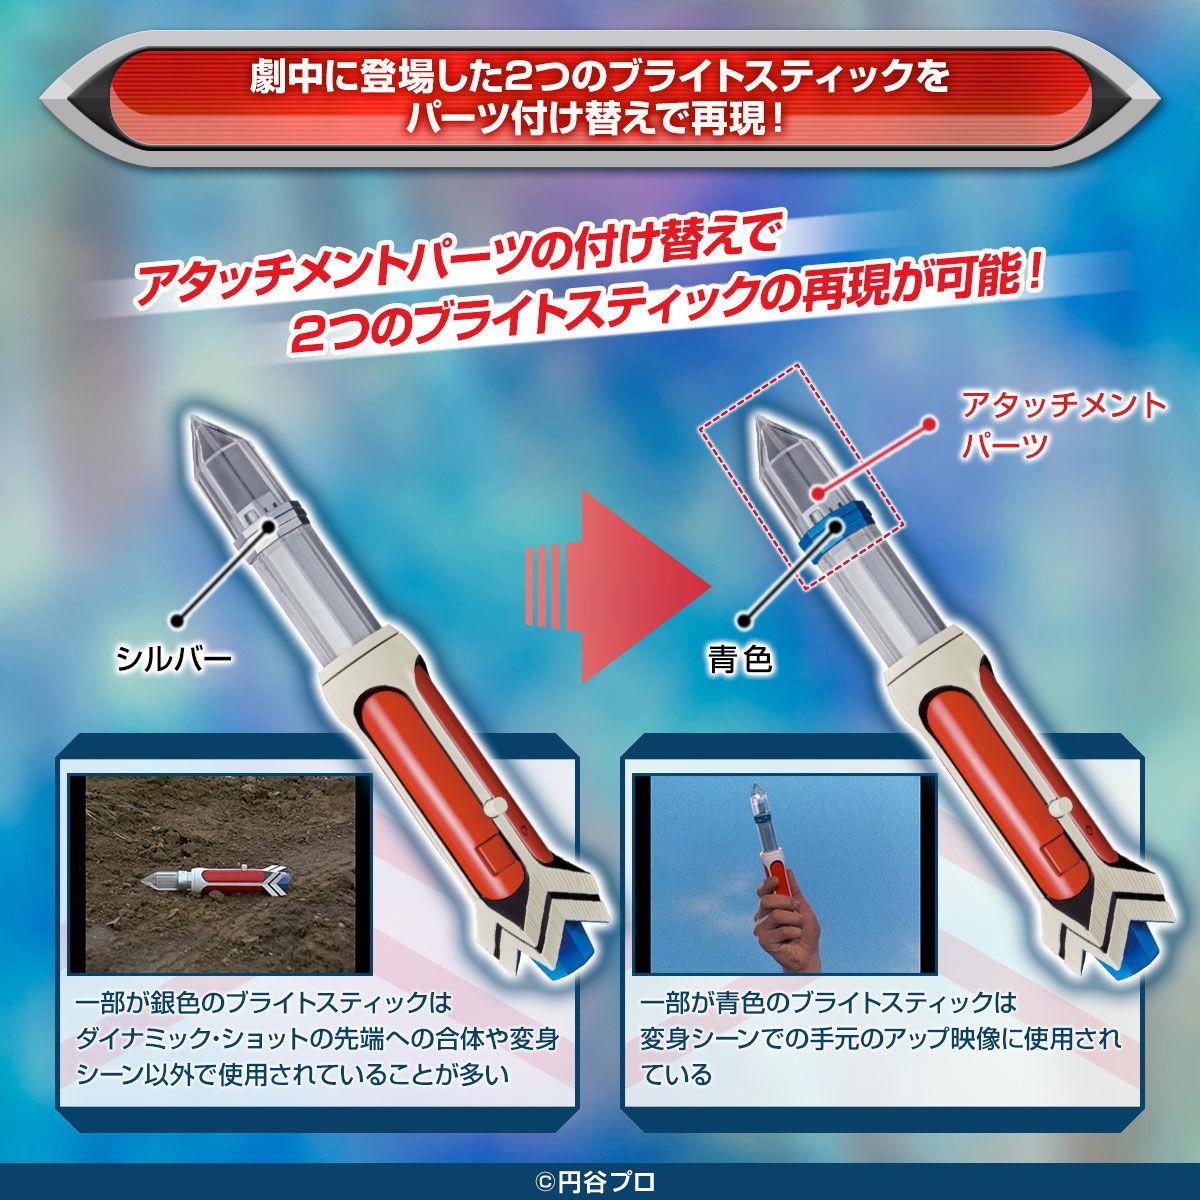 【限定販売】ウルトラレプリカ『ブライトスティック』ウルトラマン80 変身なりきり-005